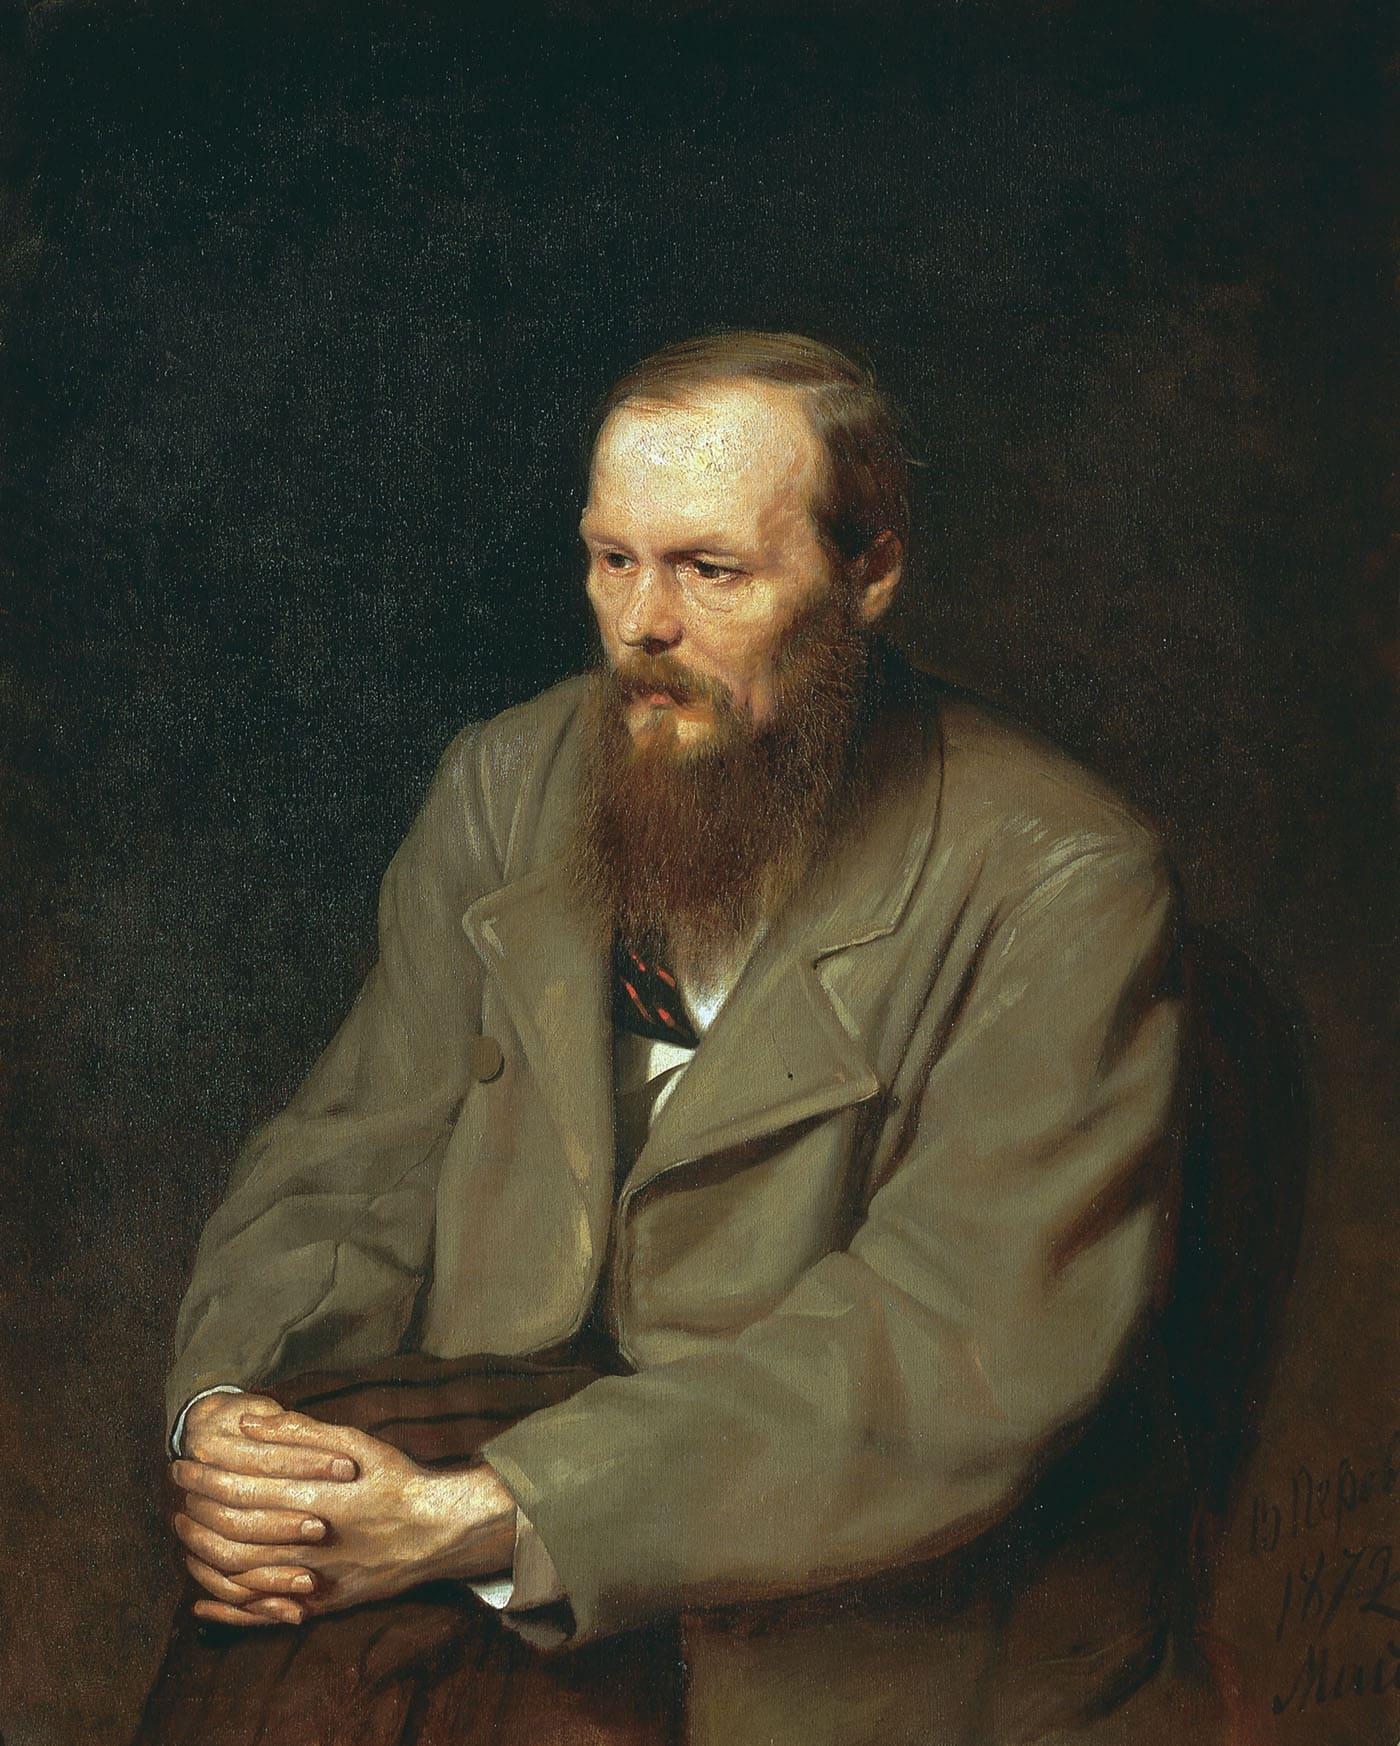 portrait homme assis manteau mains croisées